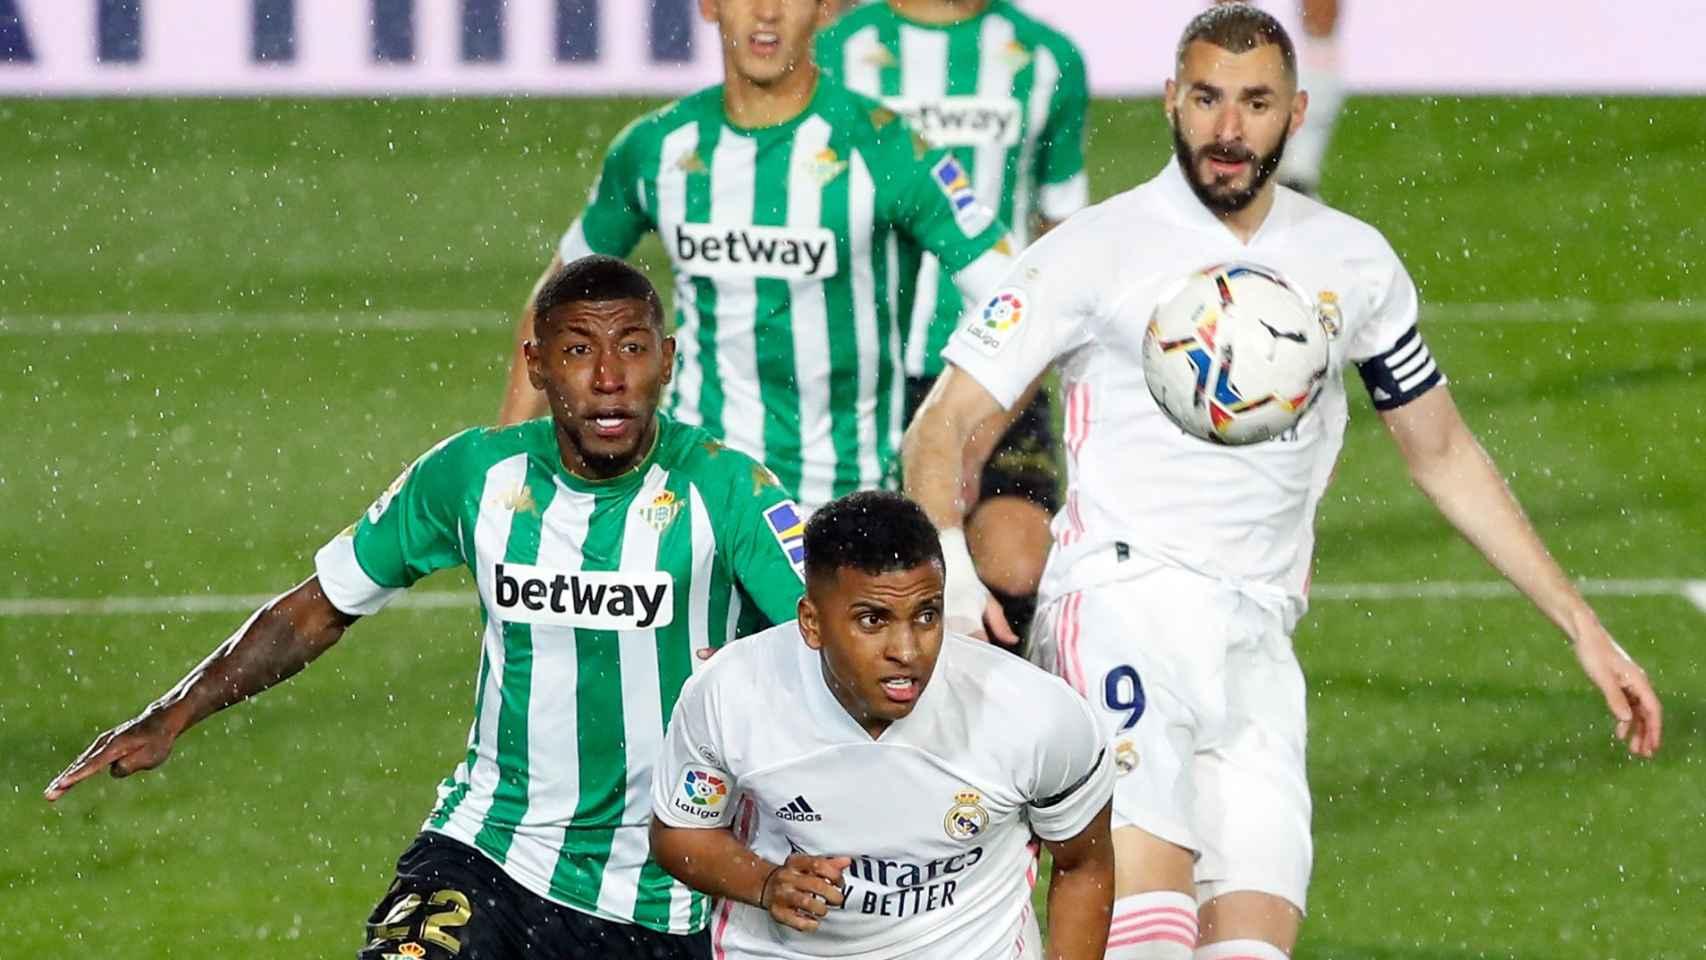 Rodrygo se adelanta a la defensa del Betis para recibir un balón